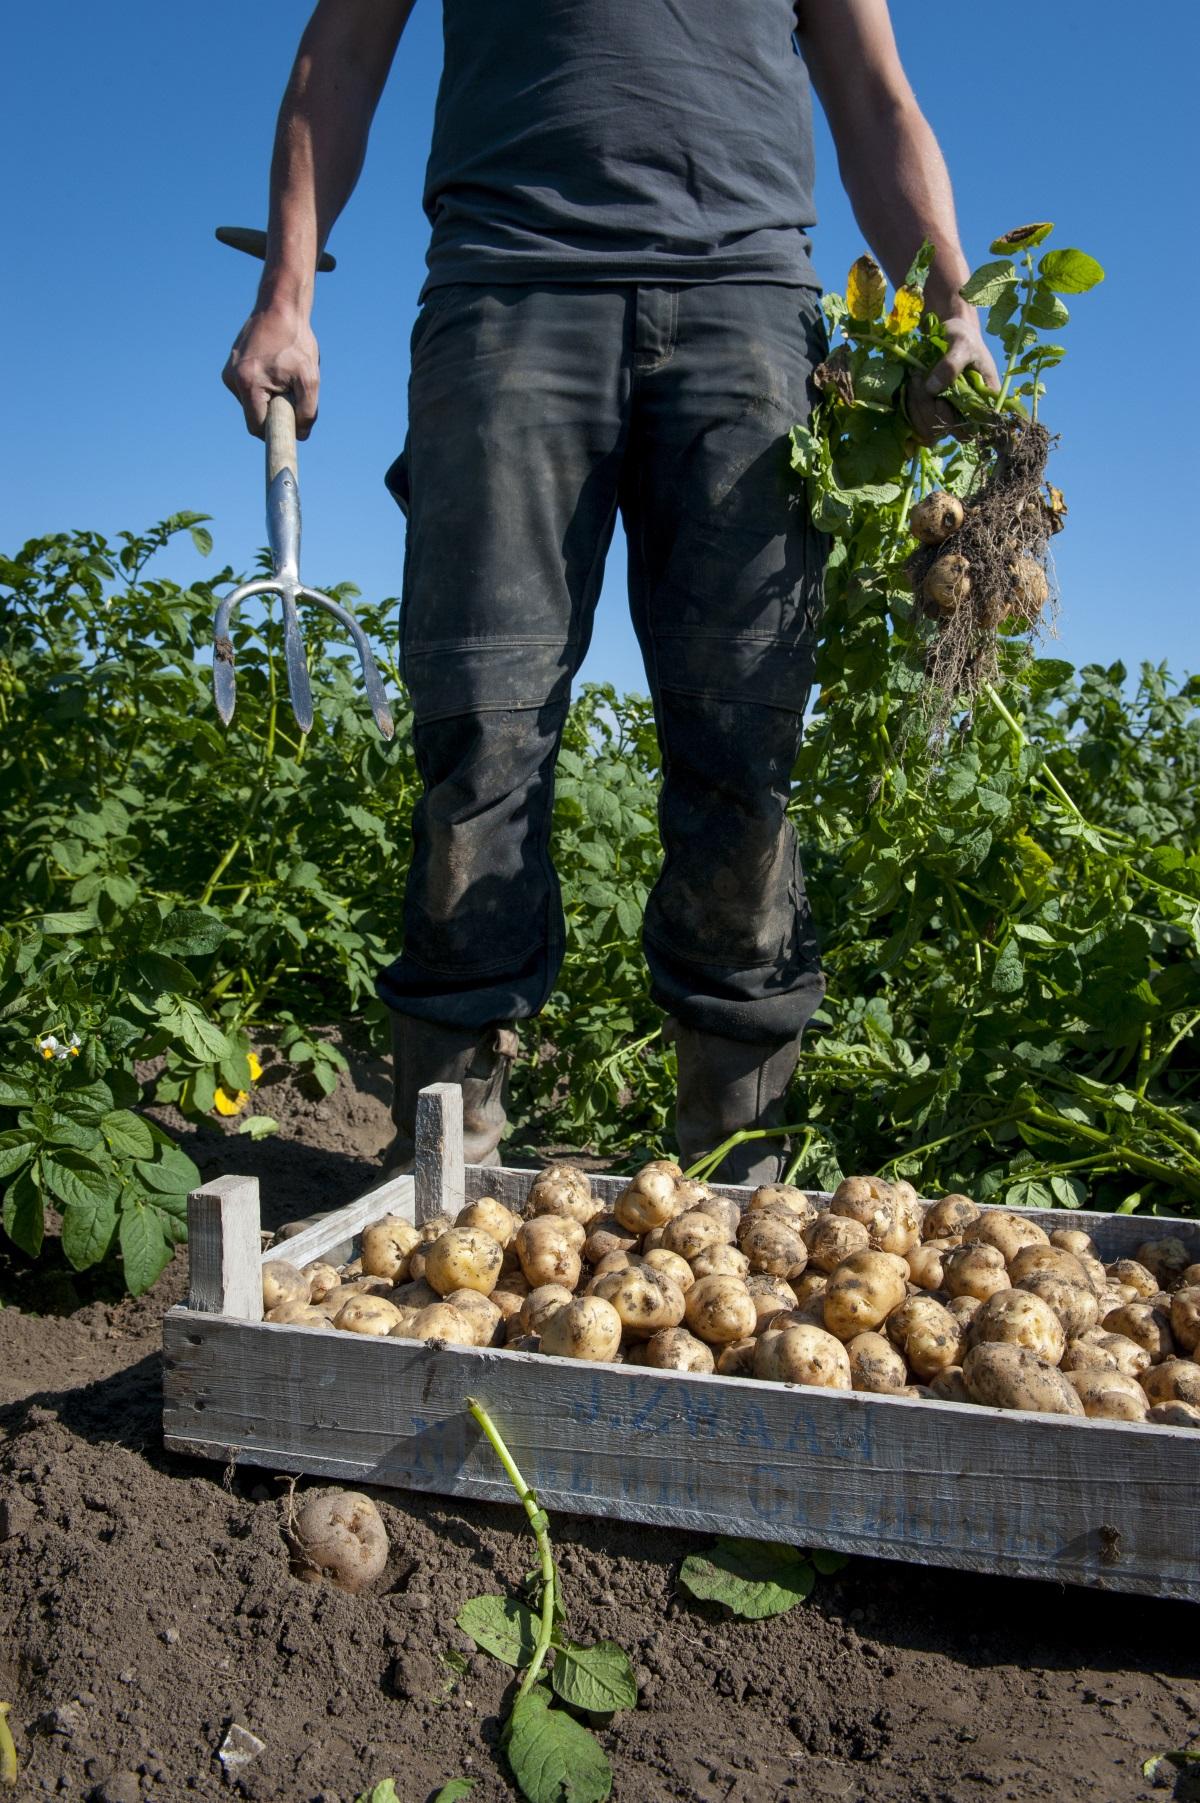 cyfarfu koos zwaan â kist opperdoezer ronde aardappelen rijk aan verhalen 28 06 2018 3